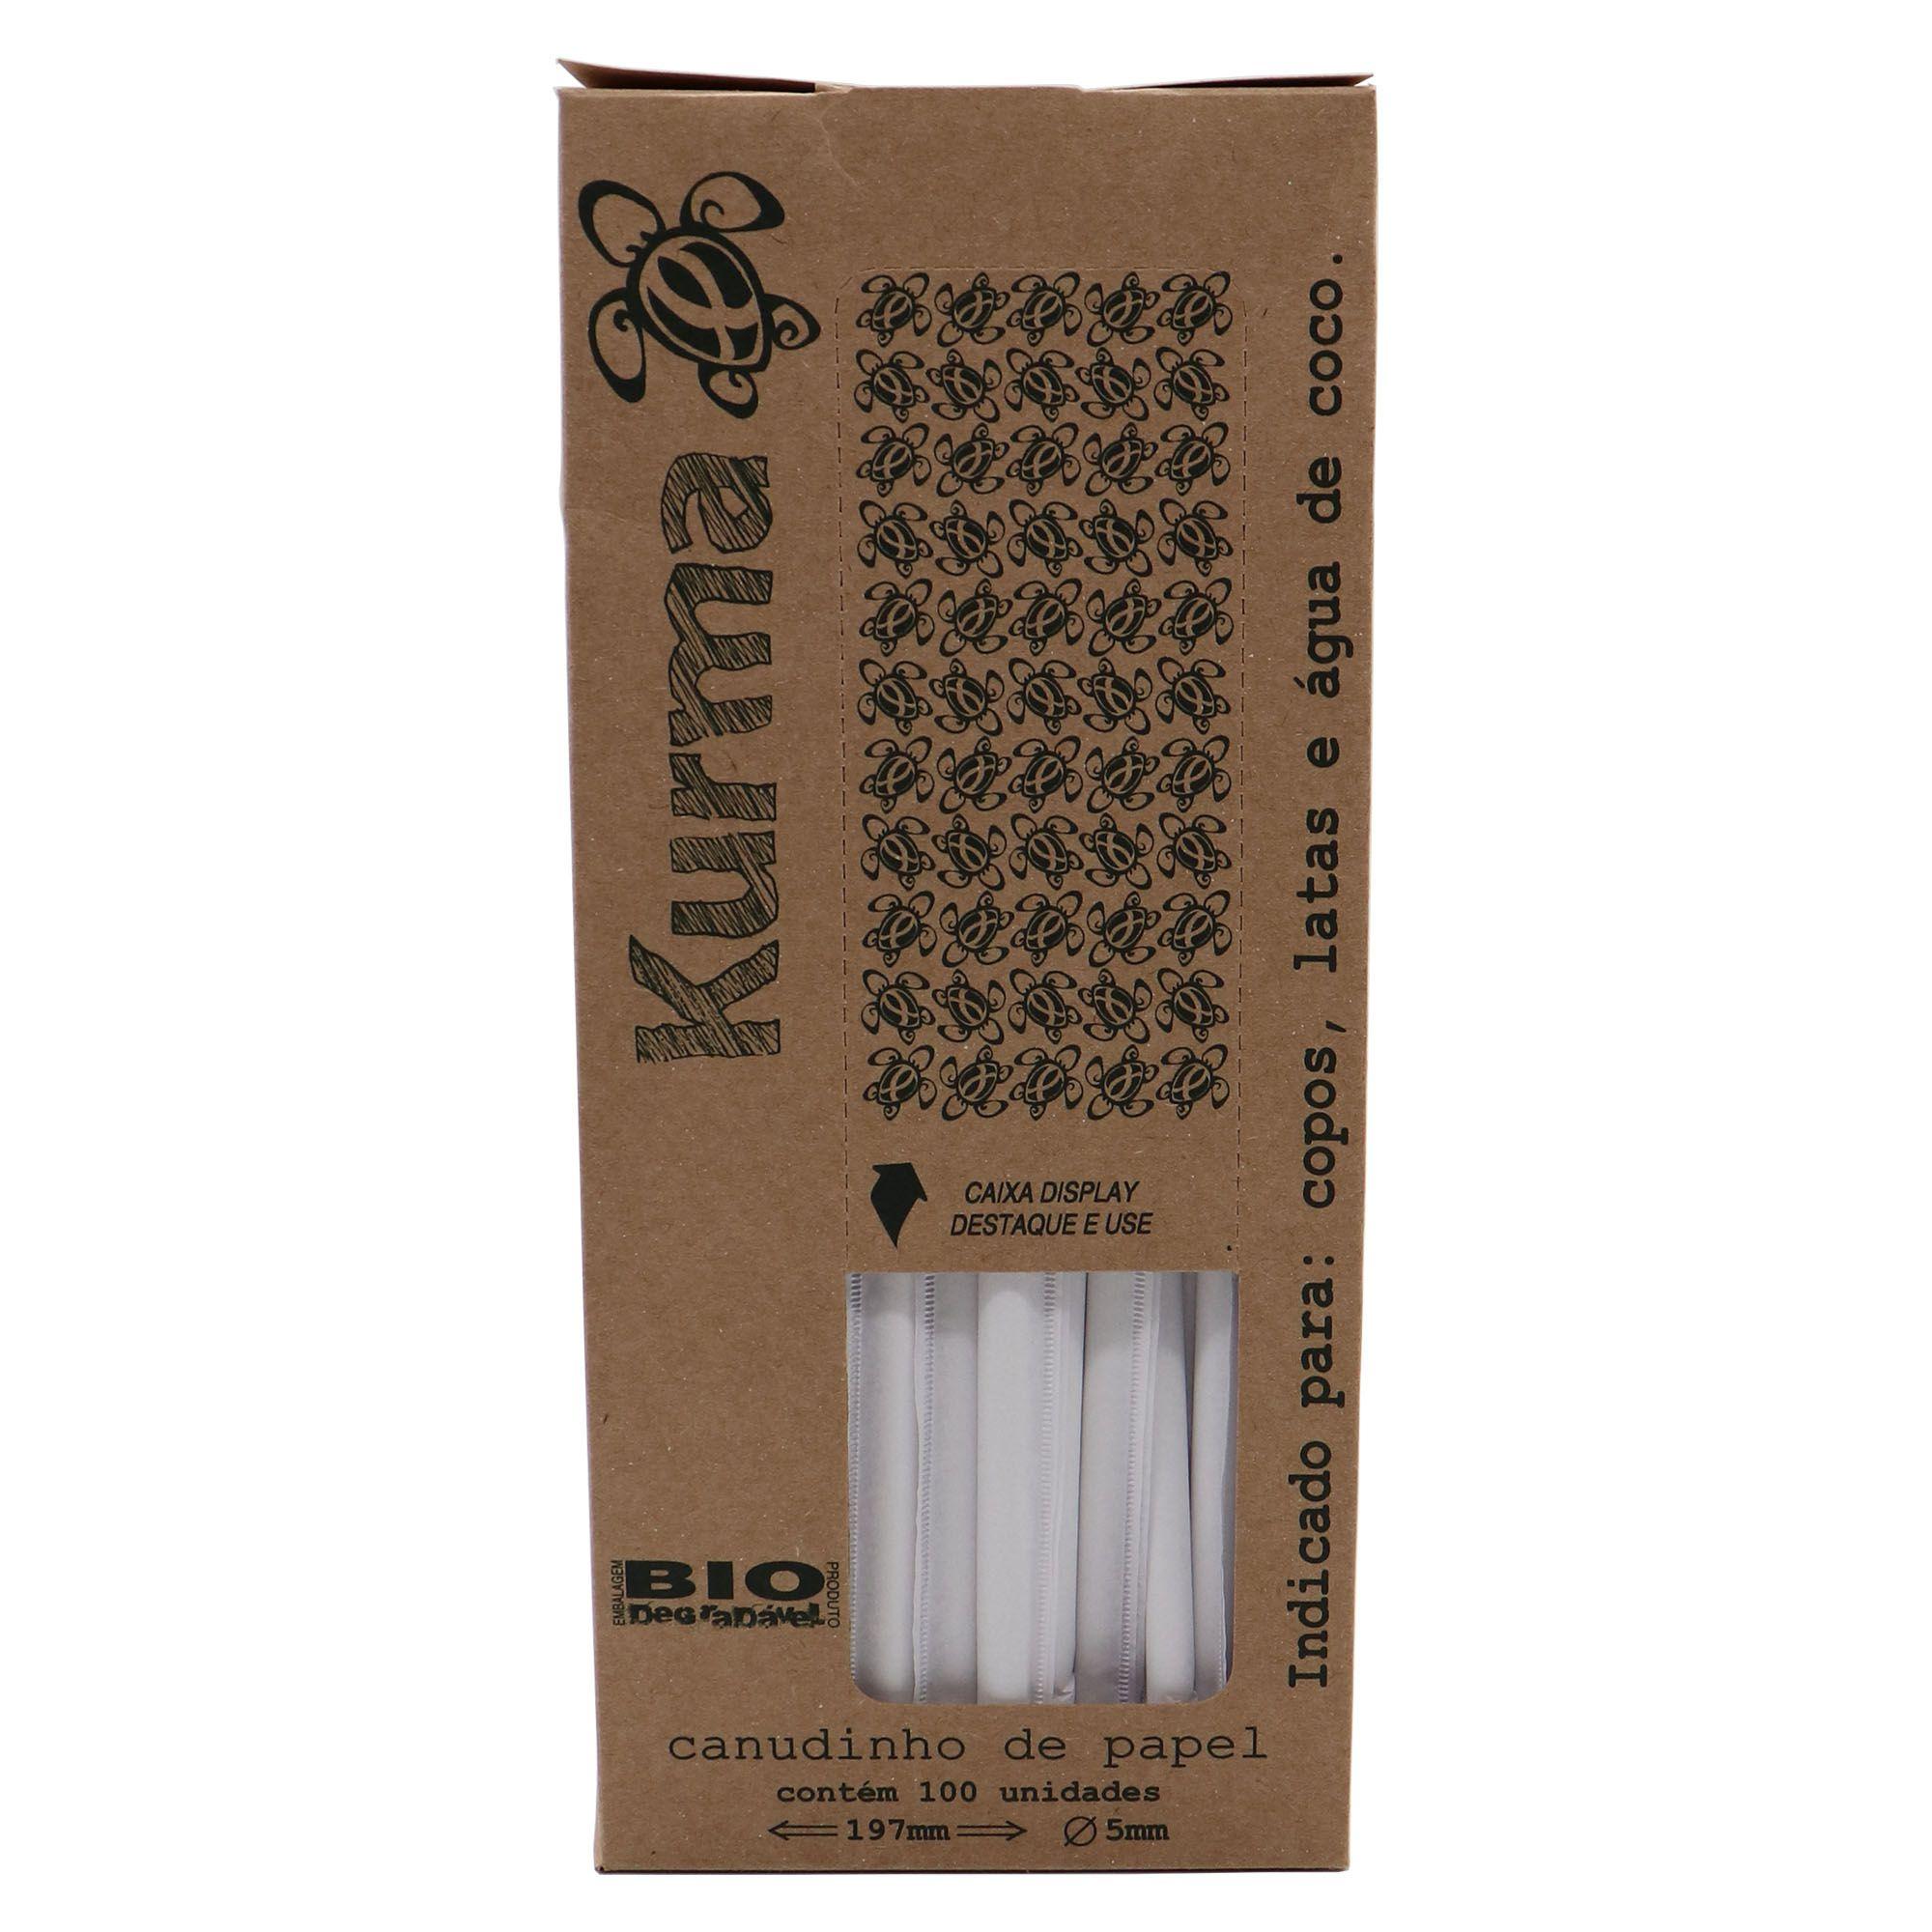 Canudo Biodegradável de Papel com 100 uni.